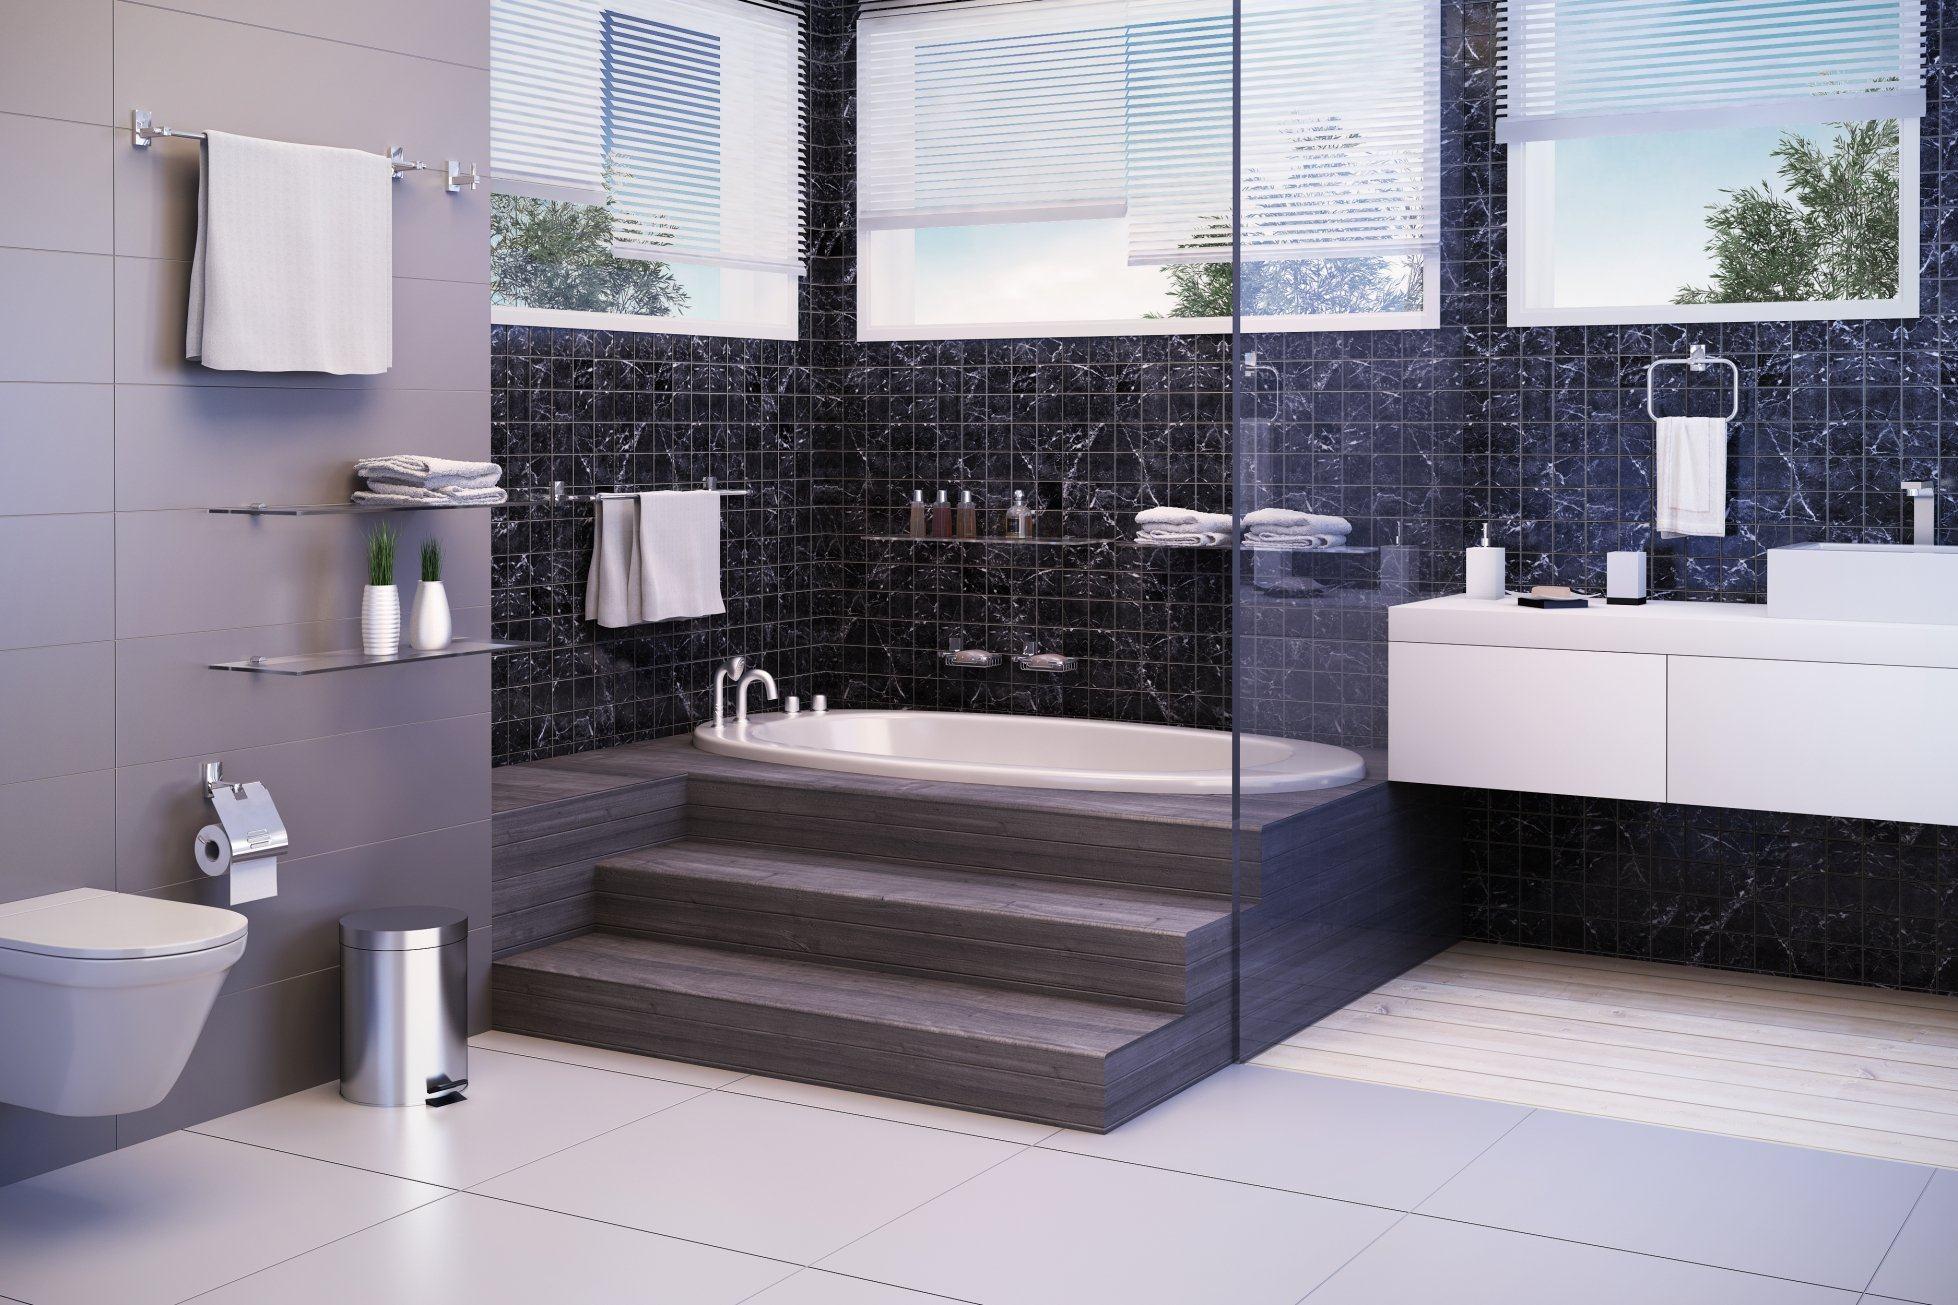 modelos de banheiro com banheira #486483 1958 1305